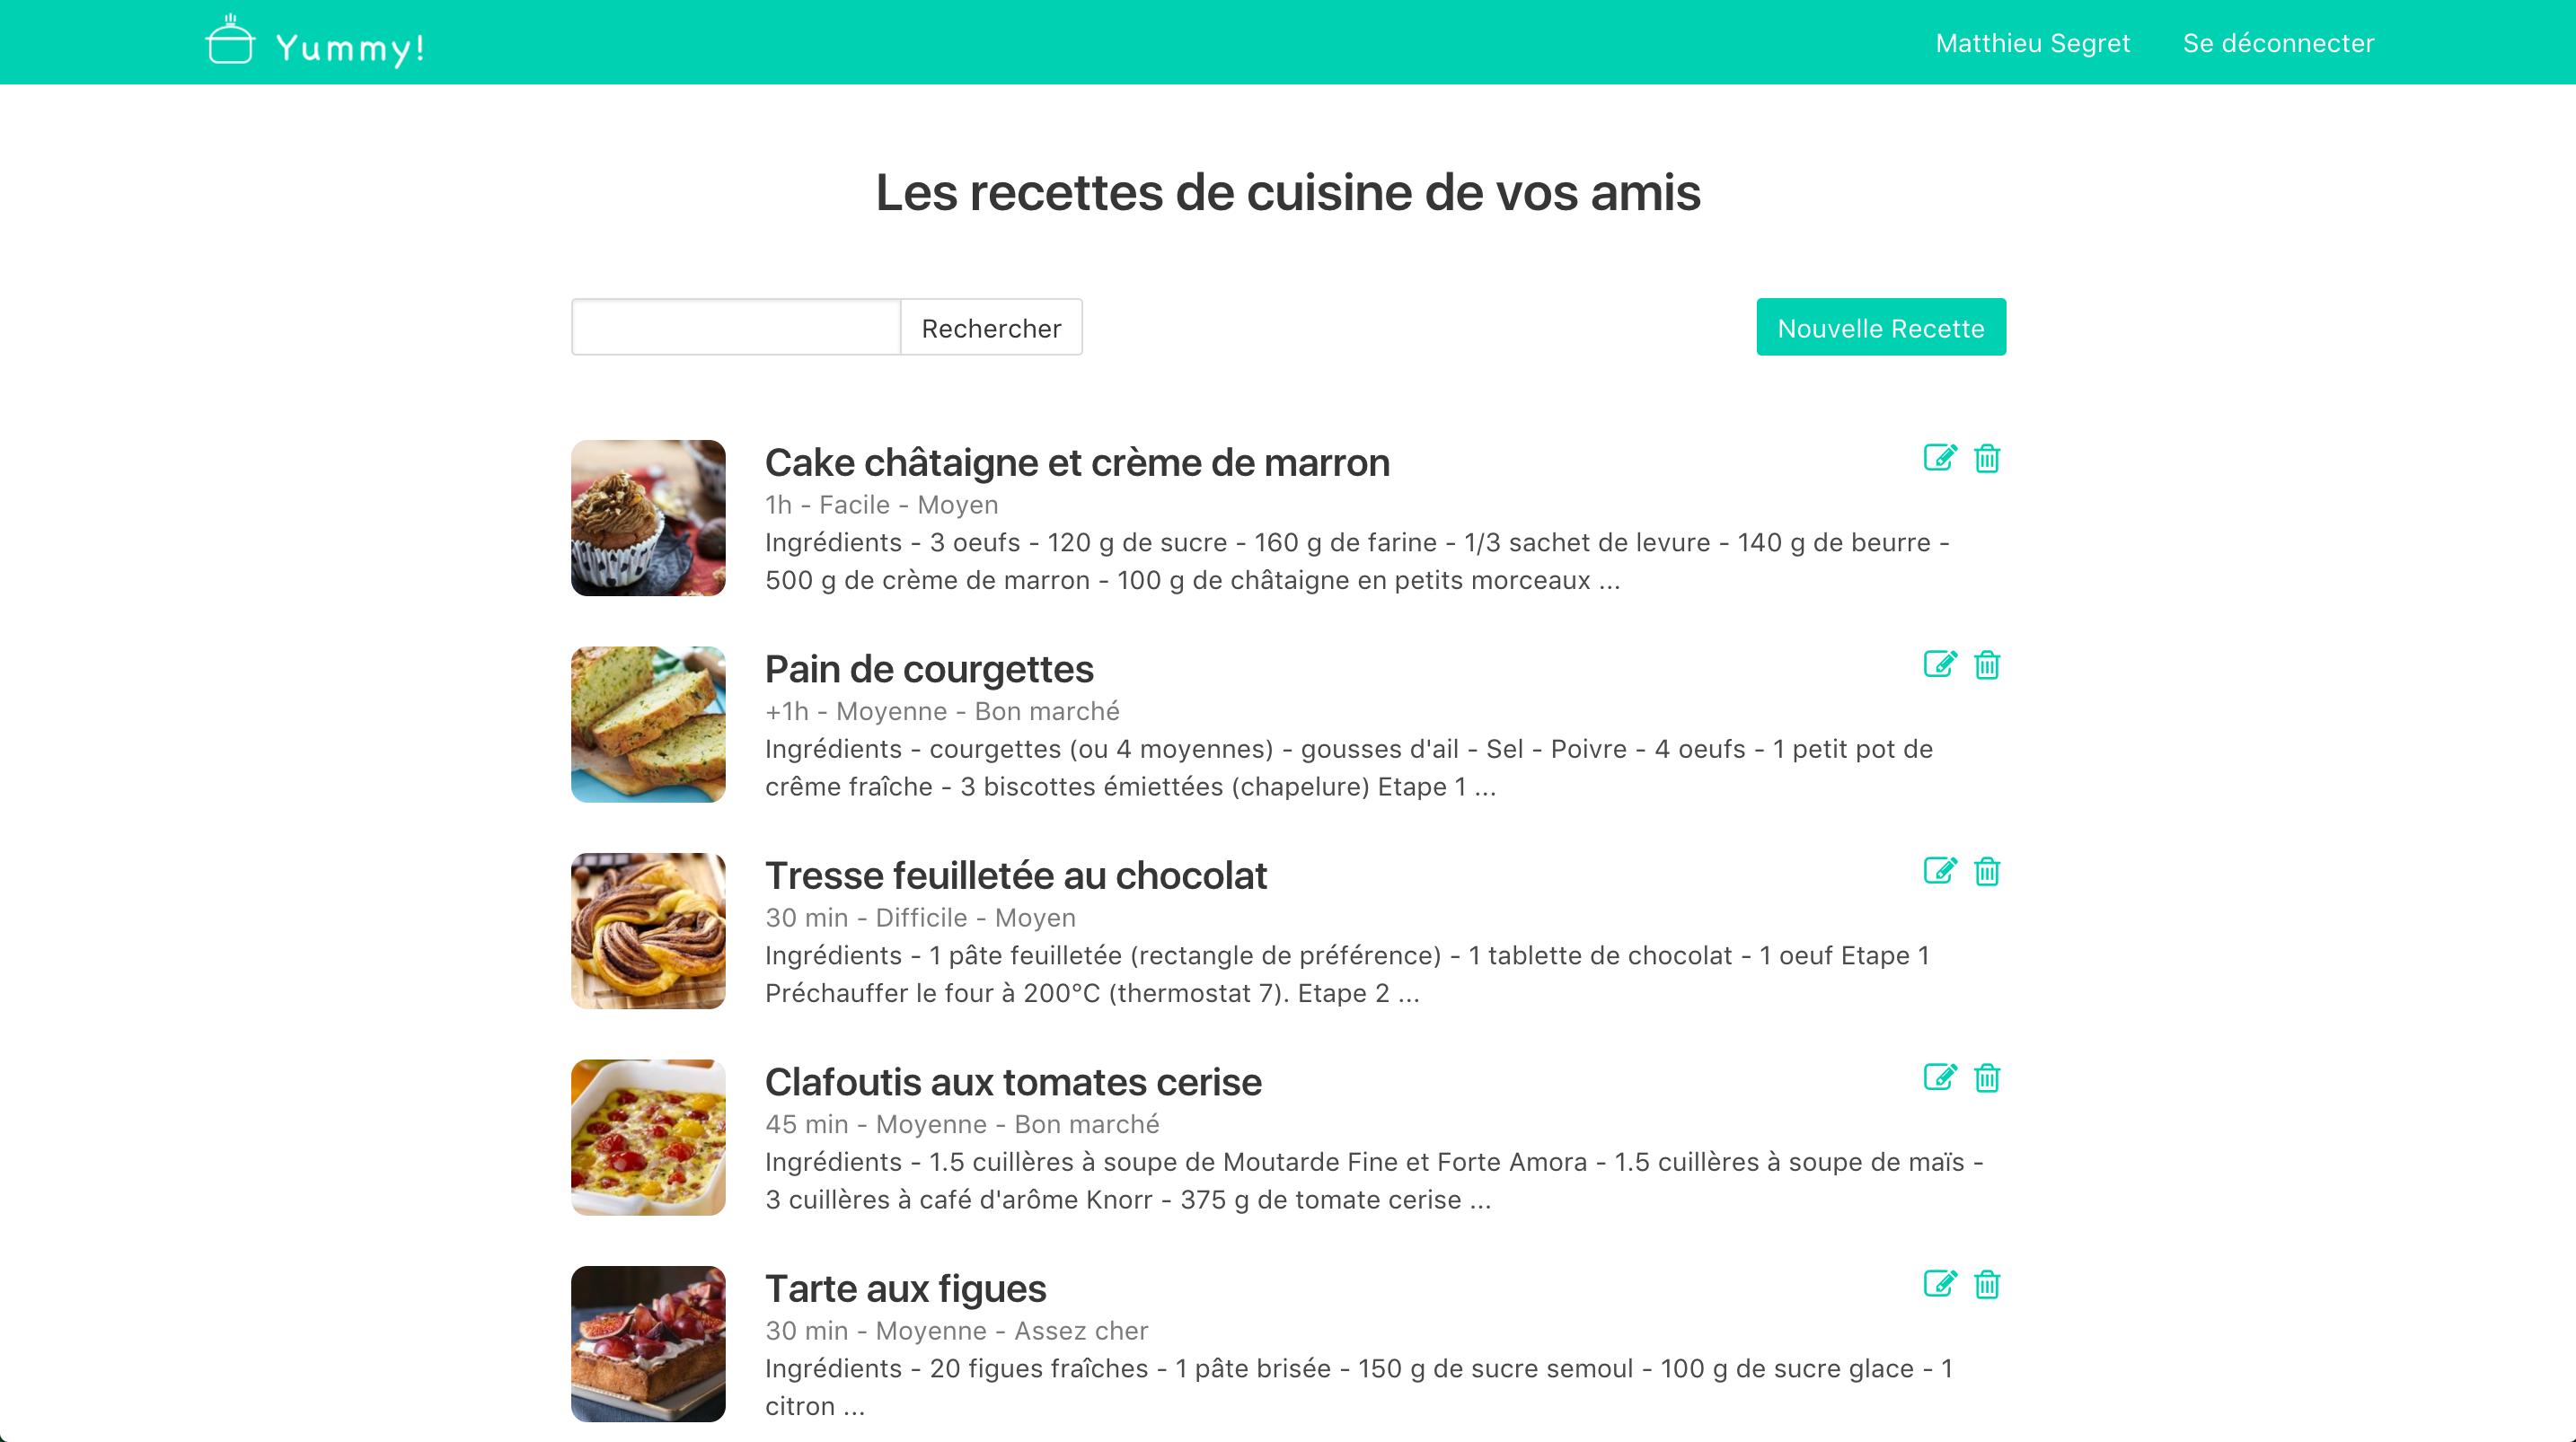 Listing recipes